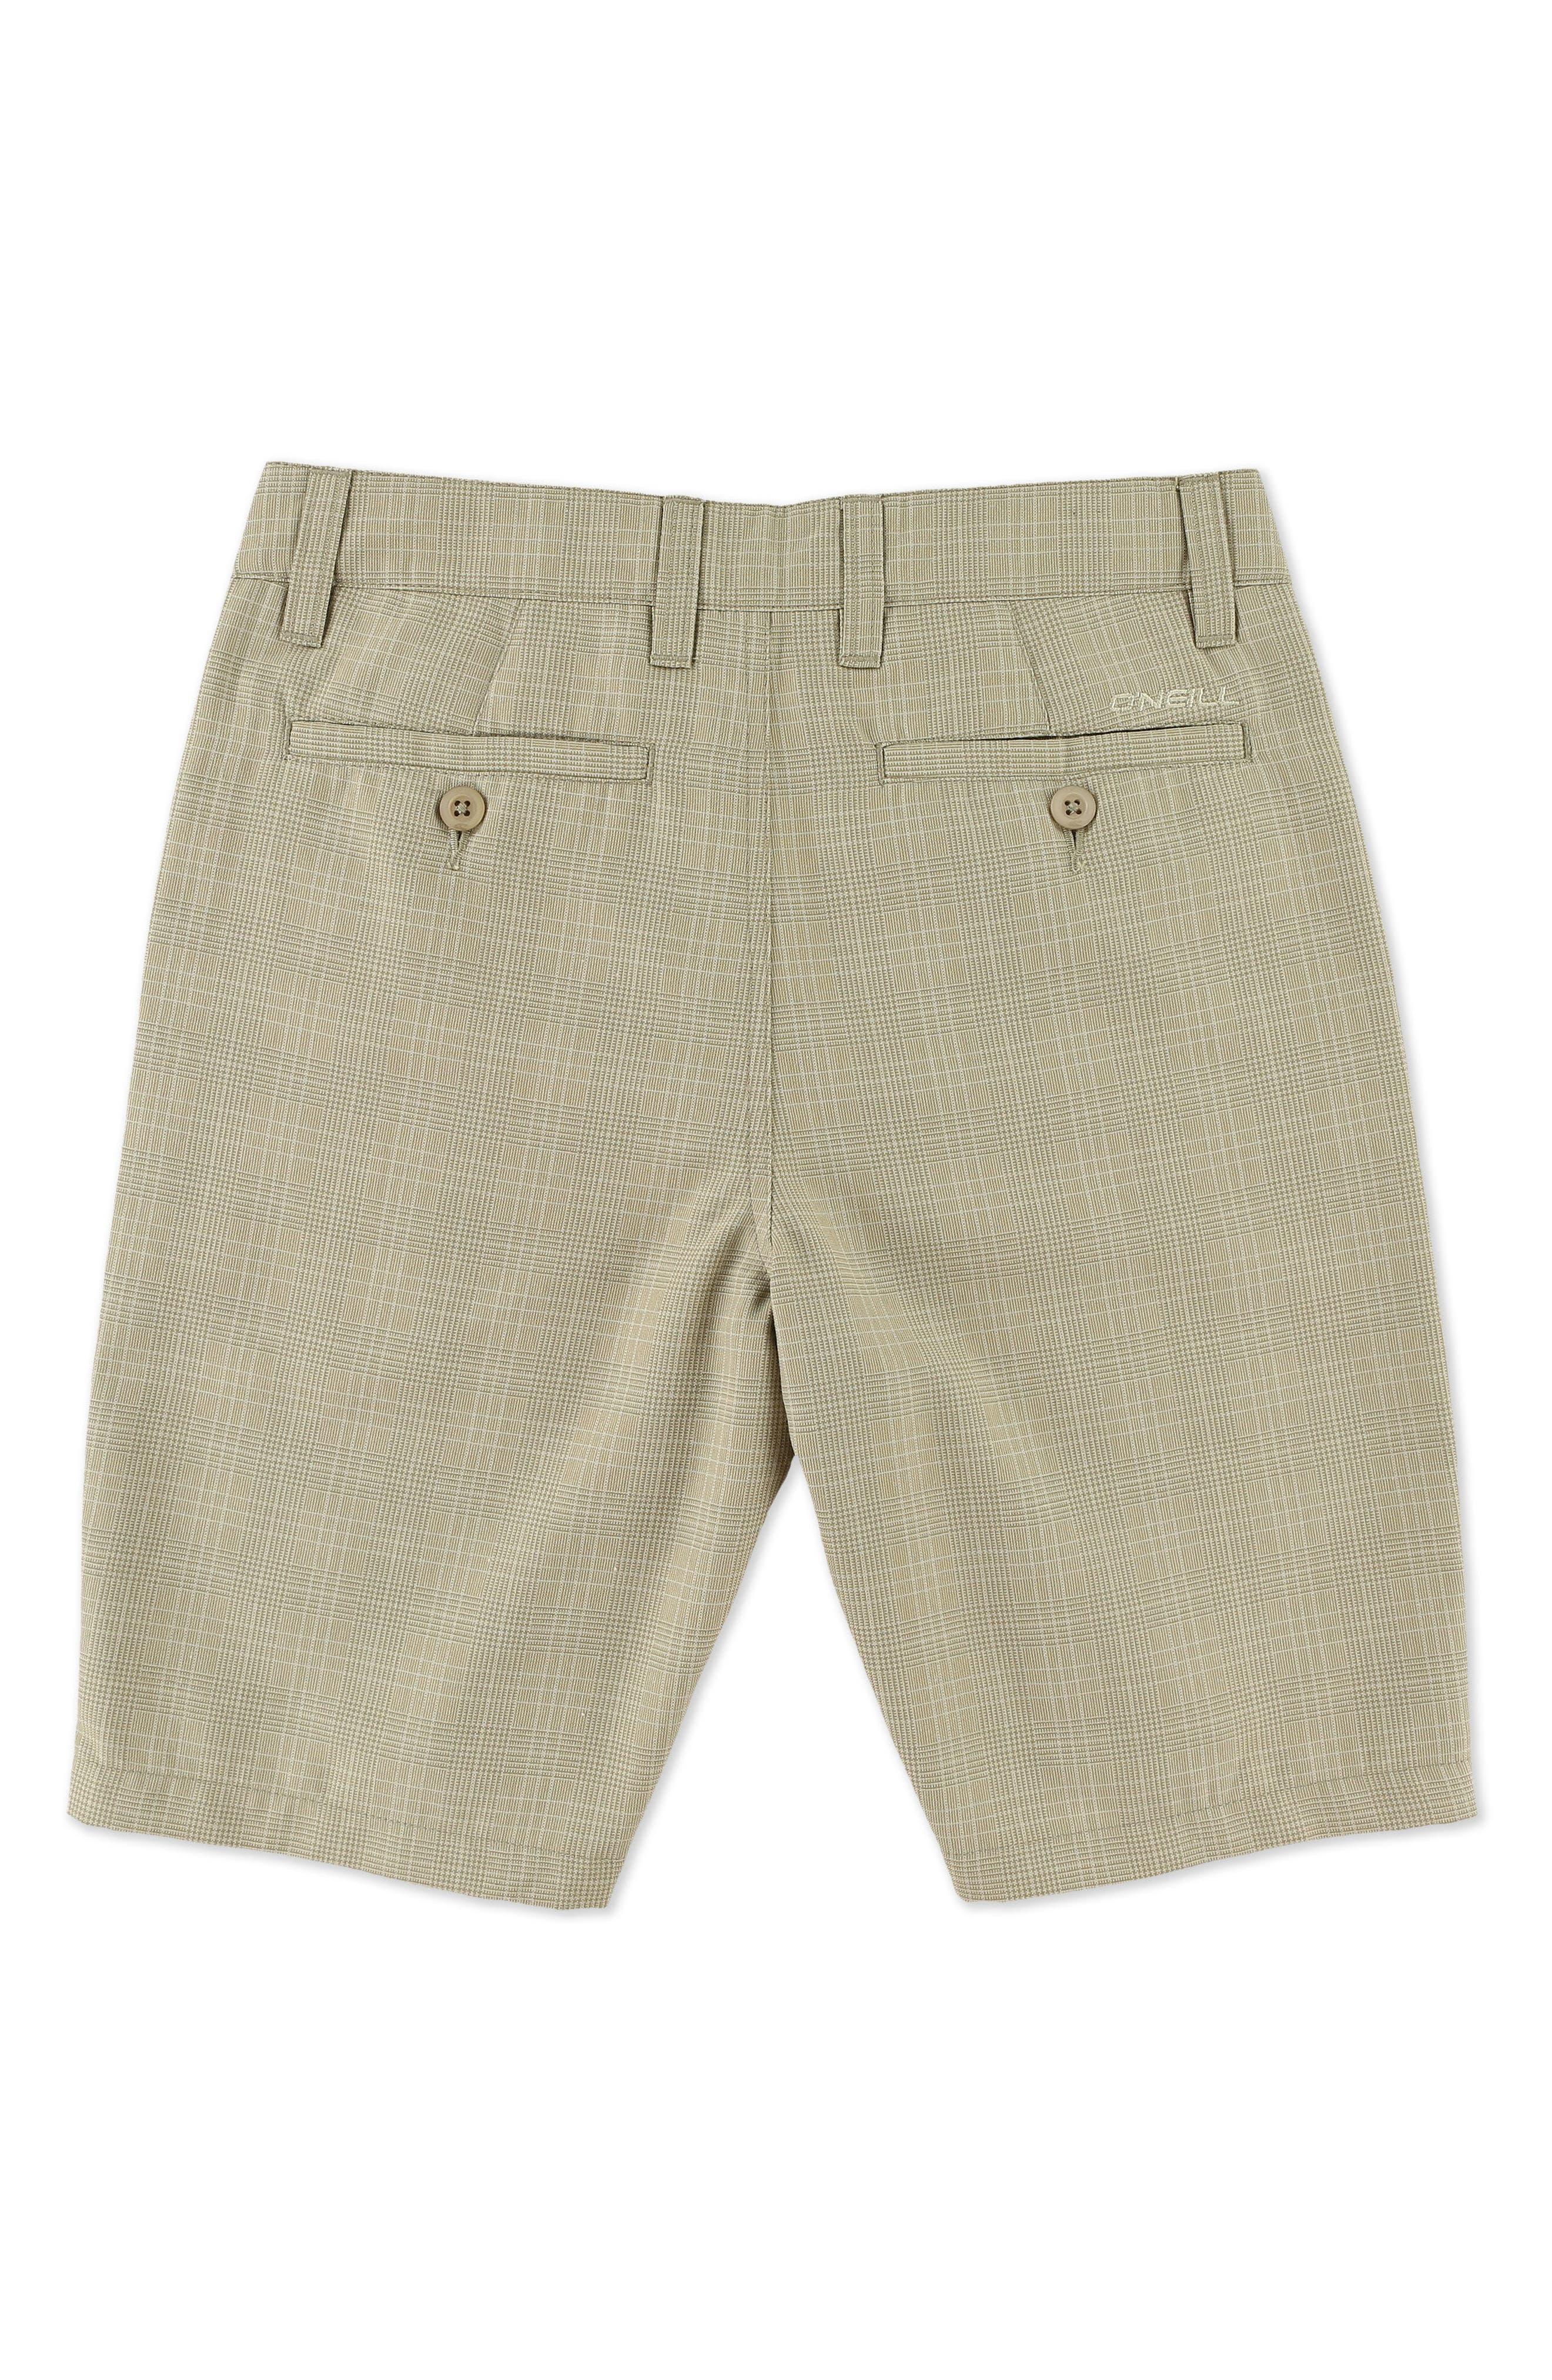 Delta Plaid Chino Shorts,                             Main thumbnail 1, color,                             020